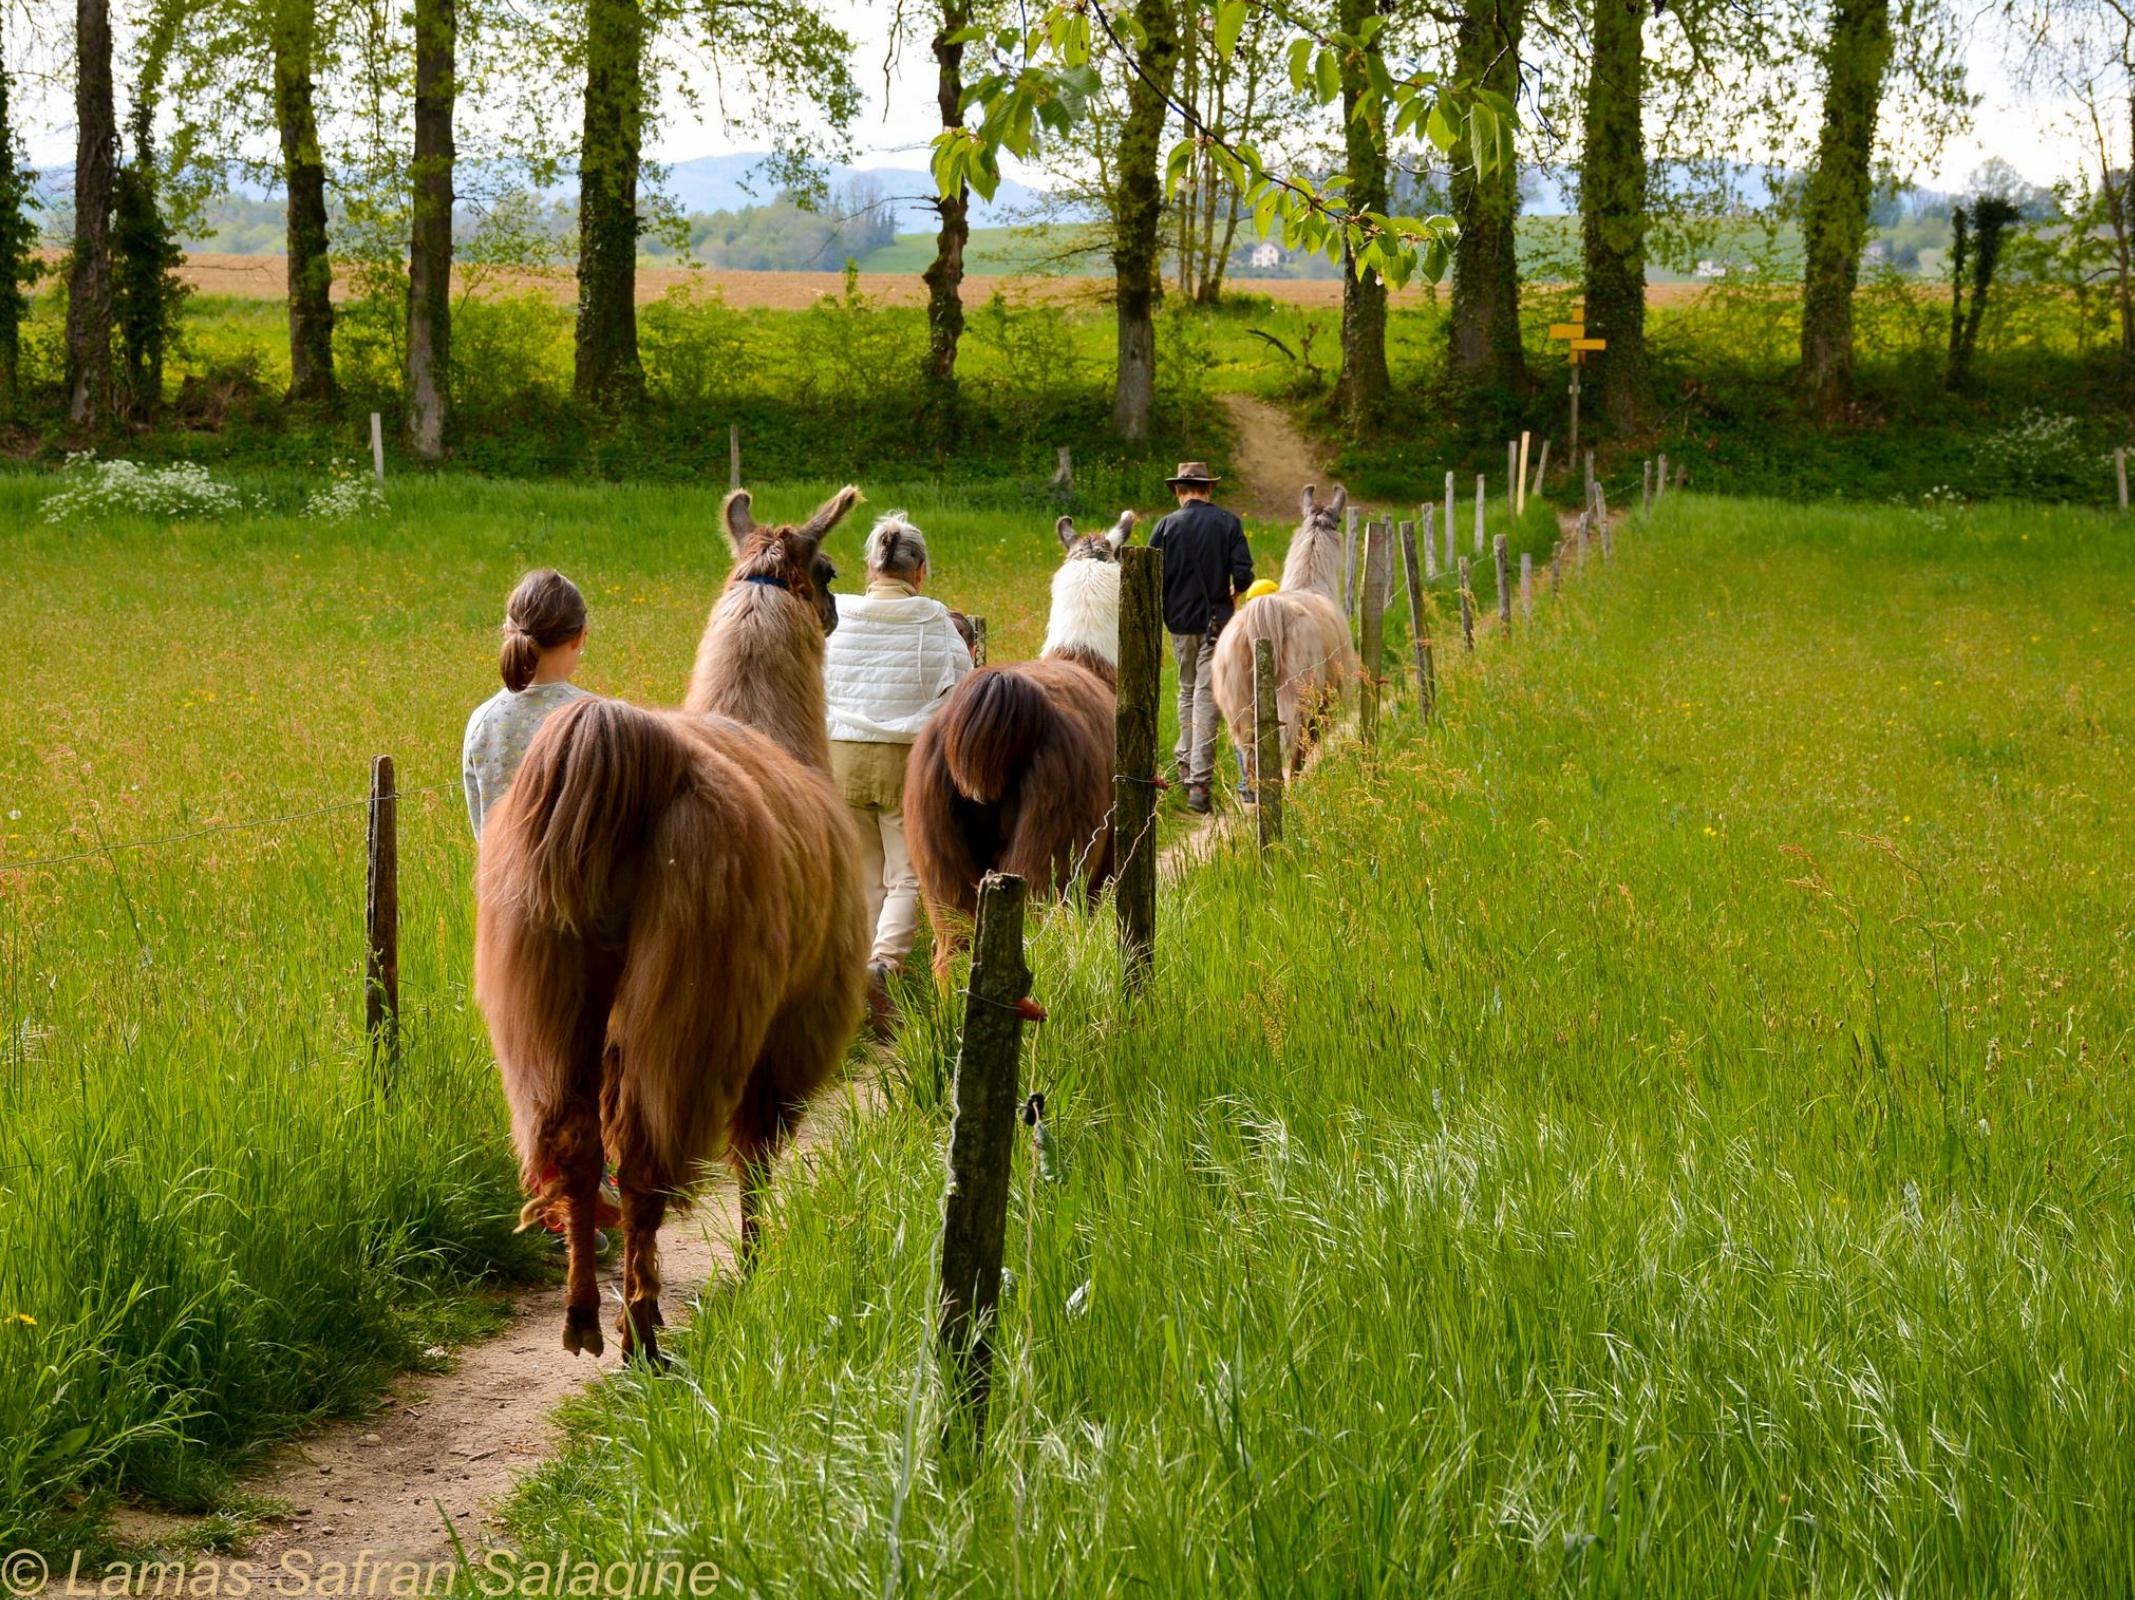 Balade de lamas - Dominique Griot Les Lamas de Salagine - Marché des Producteurs Les Trésoms Annecy